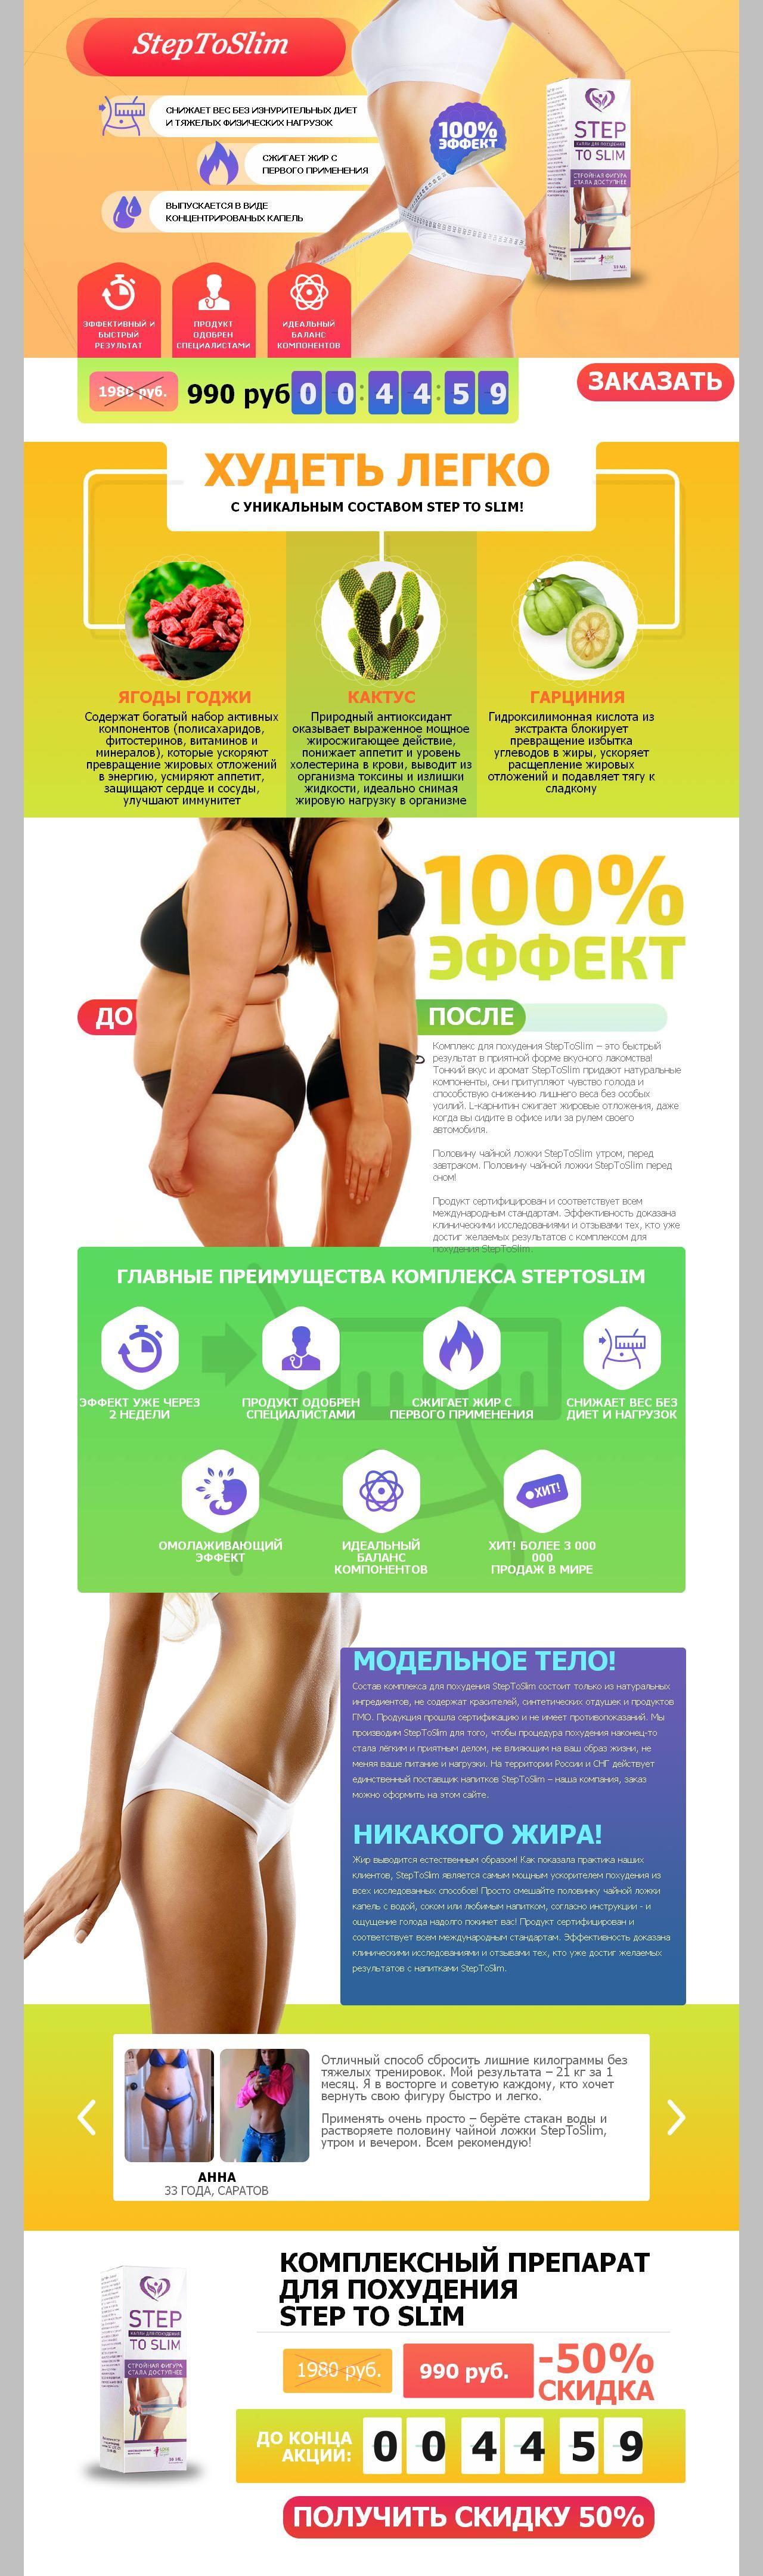 Народные средства для похудения, какие народные рецепты для похудения эффективны?